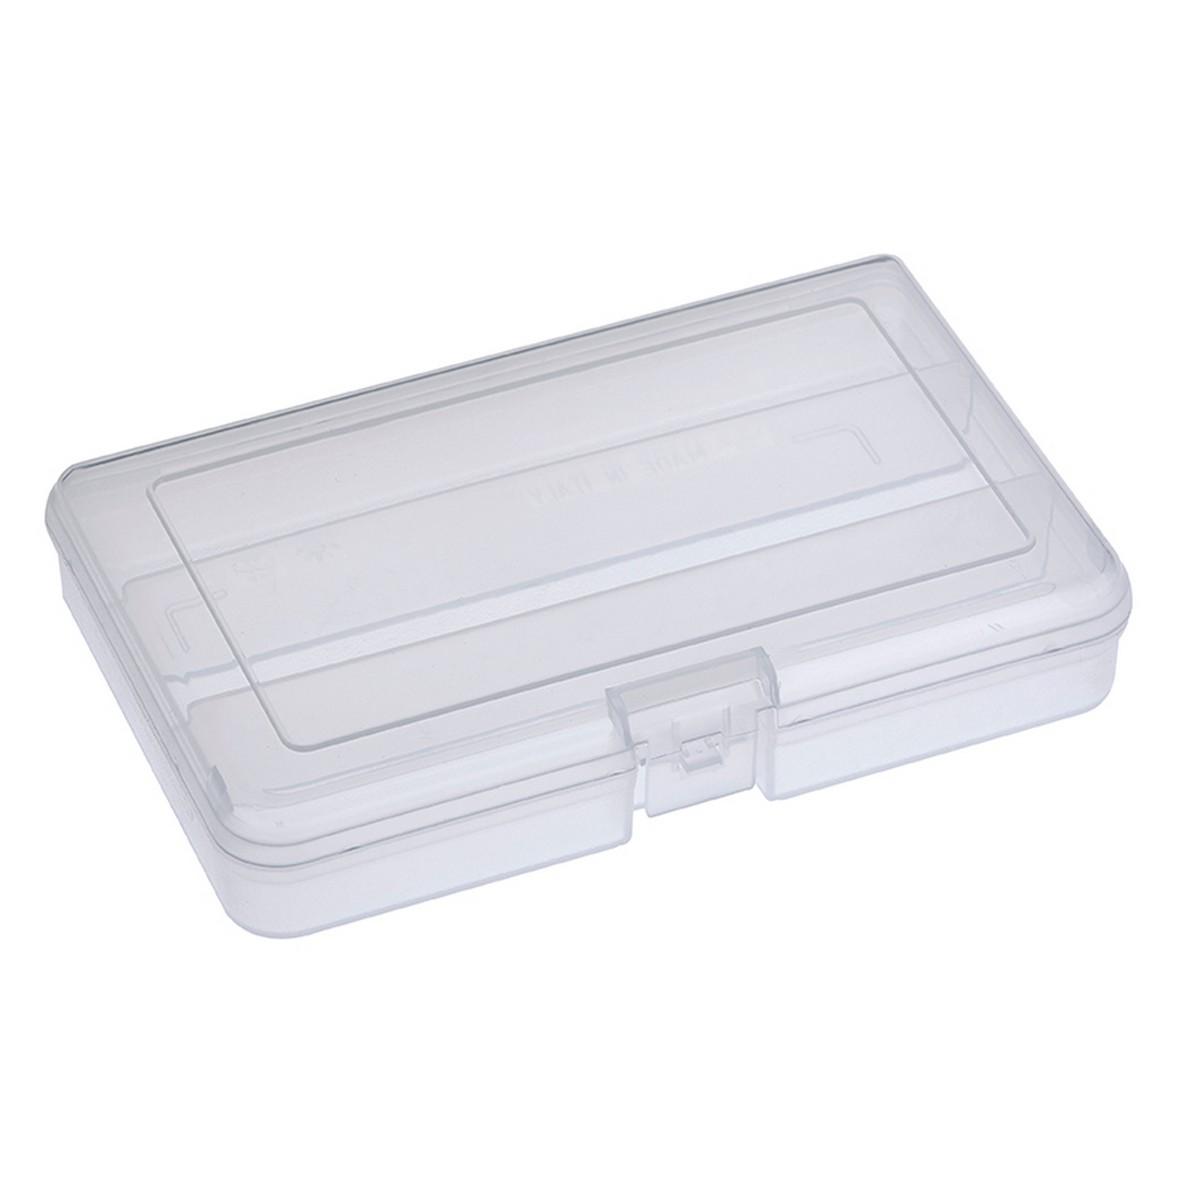 Кутия за принадлежности Plastica Panaro 101 DTN